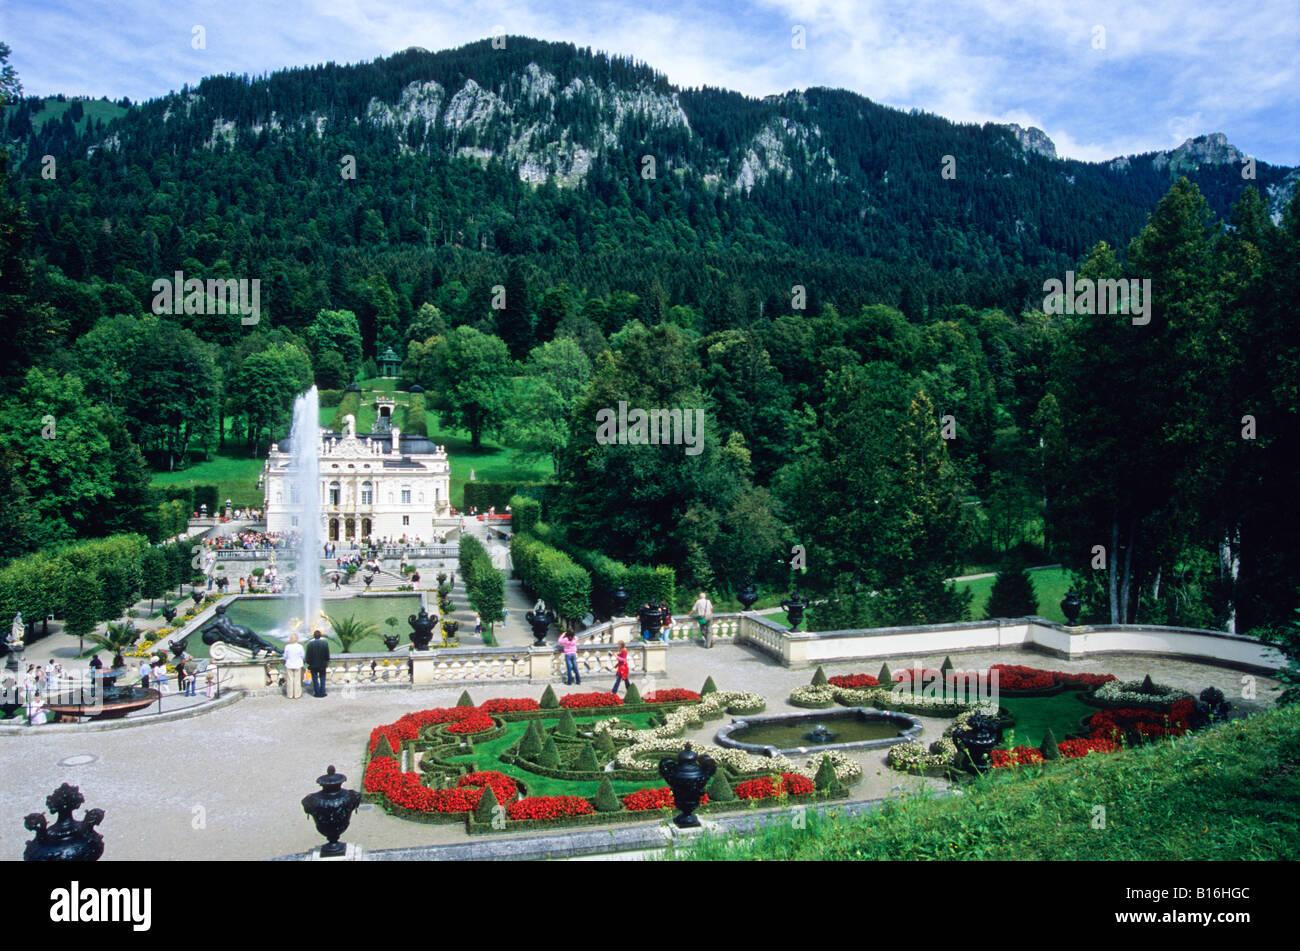 Schloss Linderhof Ortsteil Garmisch Partenkirchen Bayern Deutschland Stockfotografie Alamy